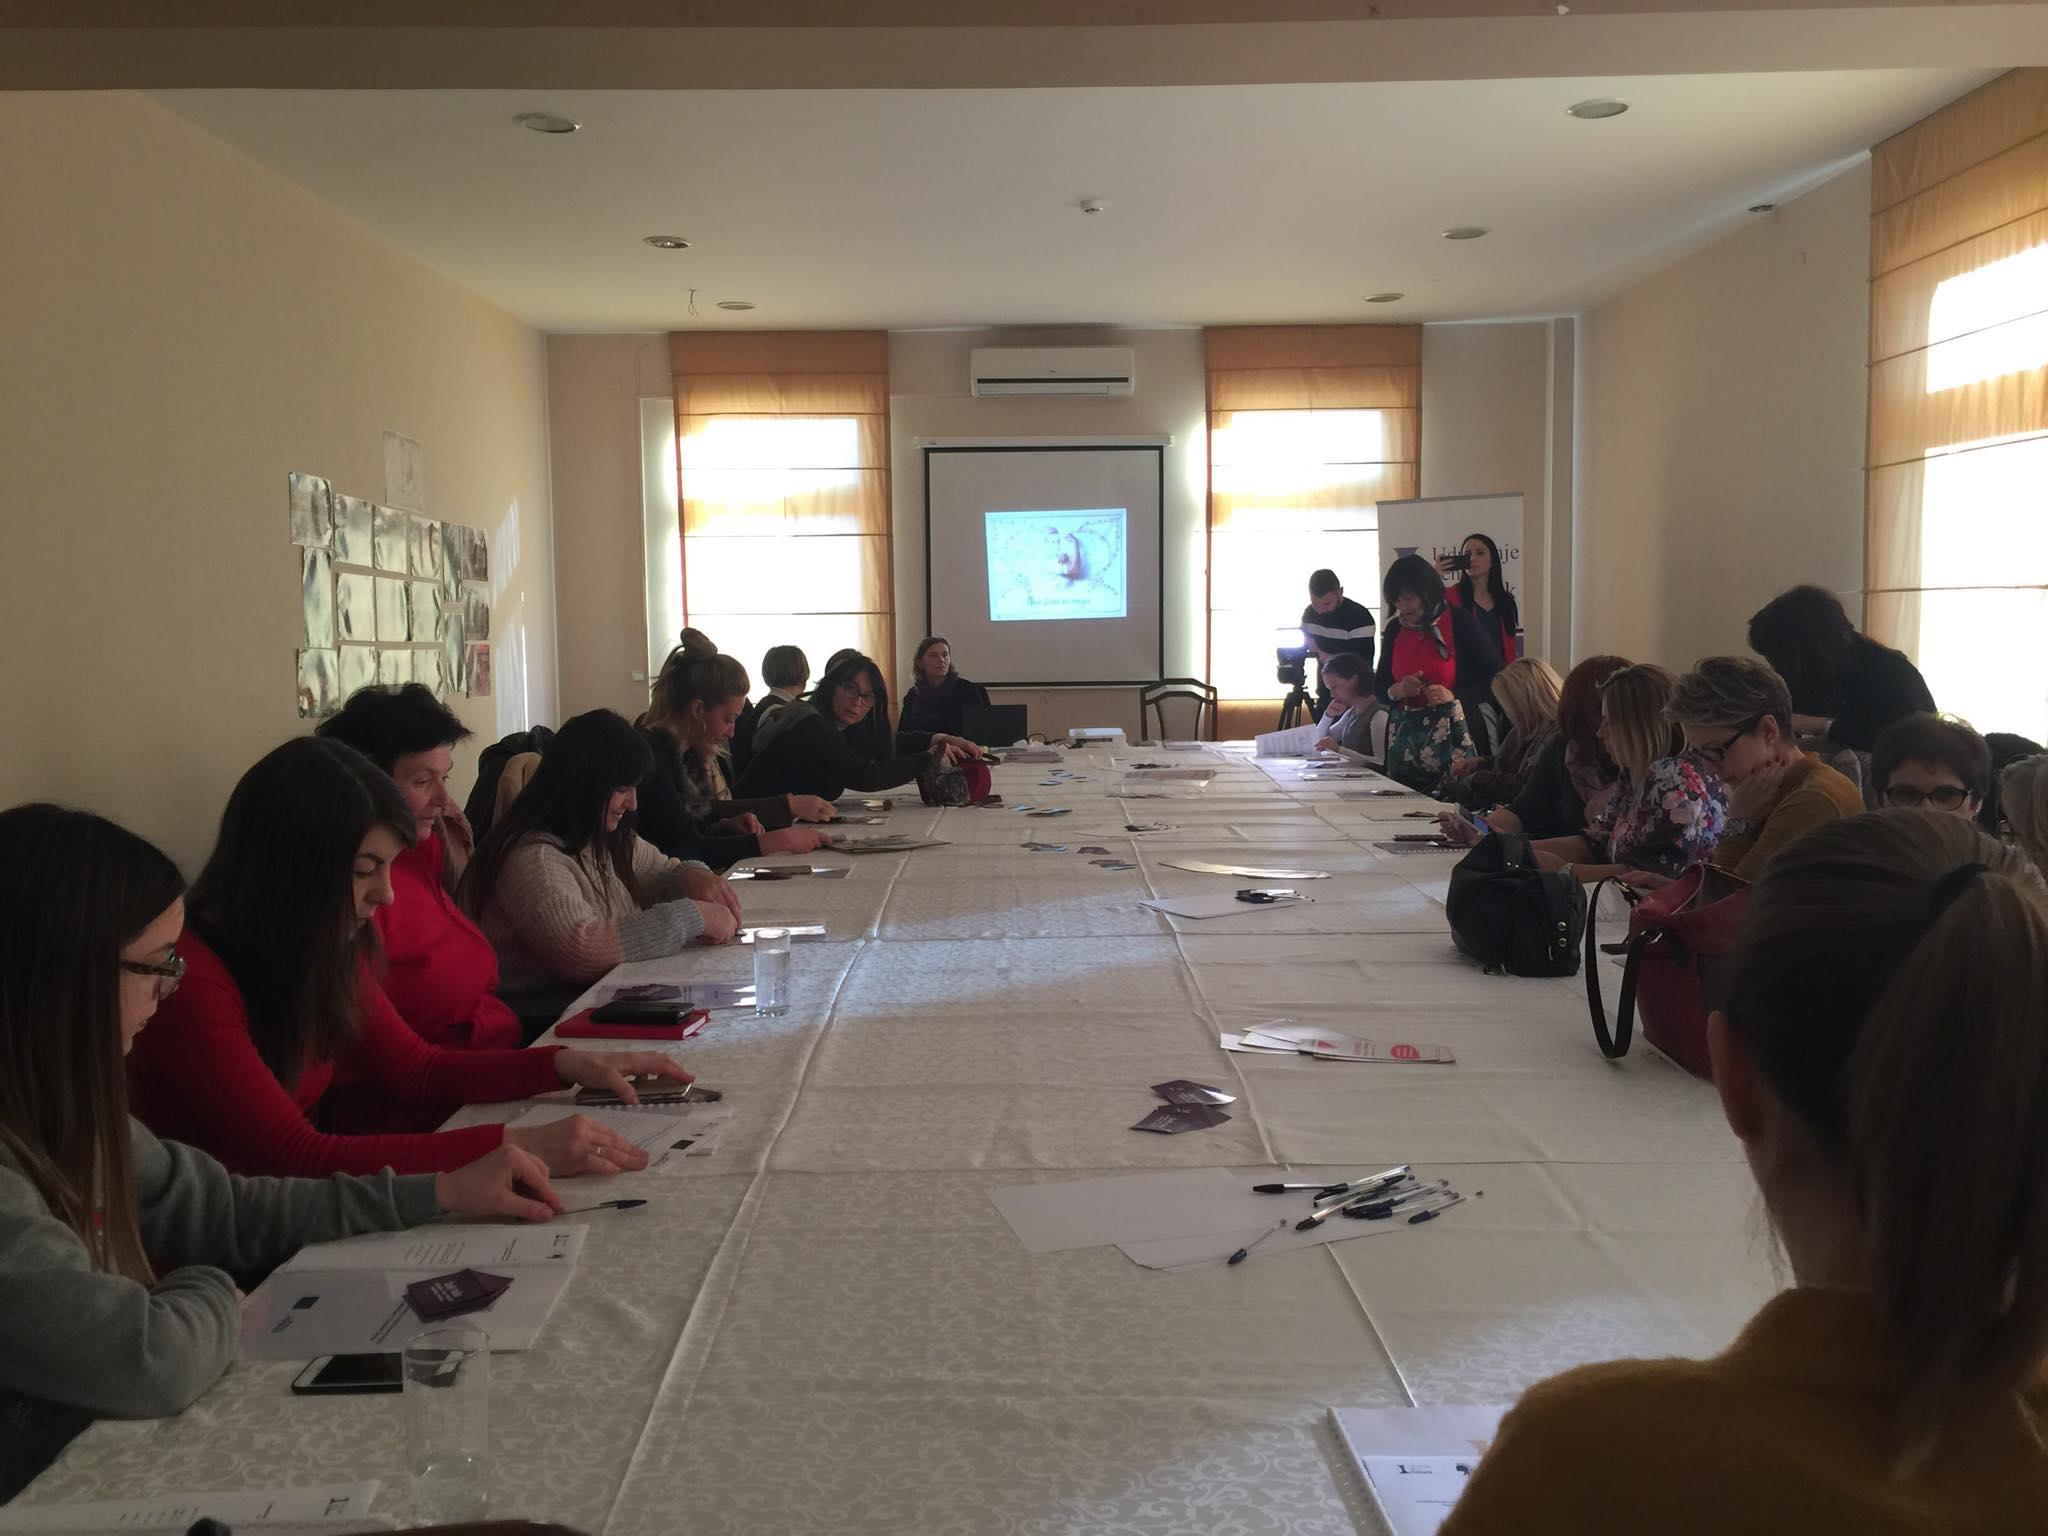 Udruzenje zena Pescanik - Predstavljanje rezultata istraživanja među ženama na selu, Romkinjama i ženama sa invaliditetom u Šumadijskom, Jablaničkom i Rasinskom okrugu o iskustvima nasilja u porodici